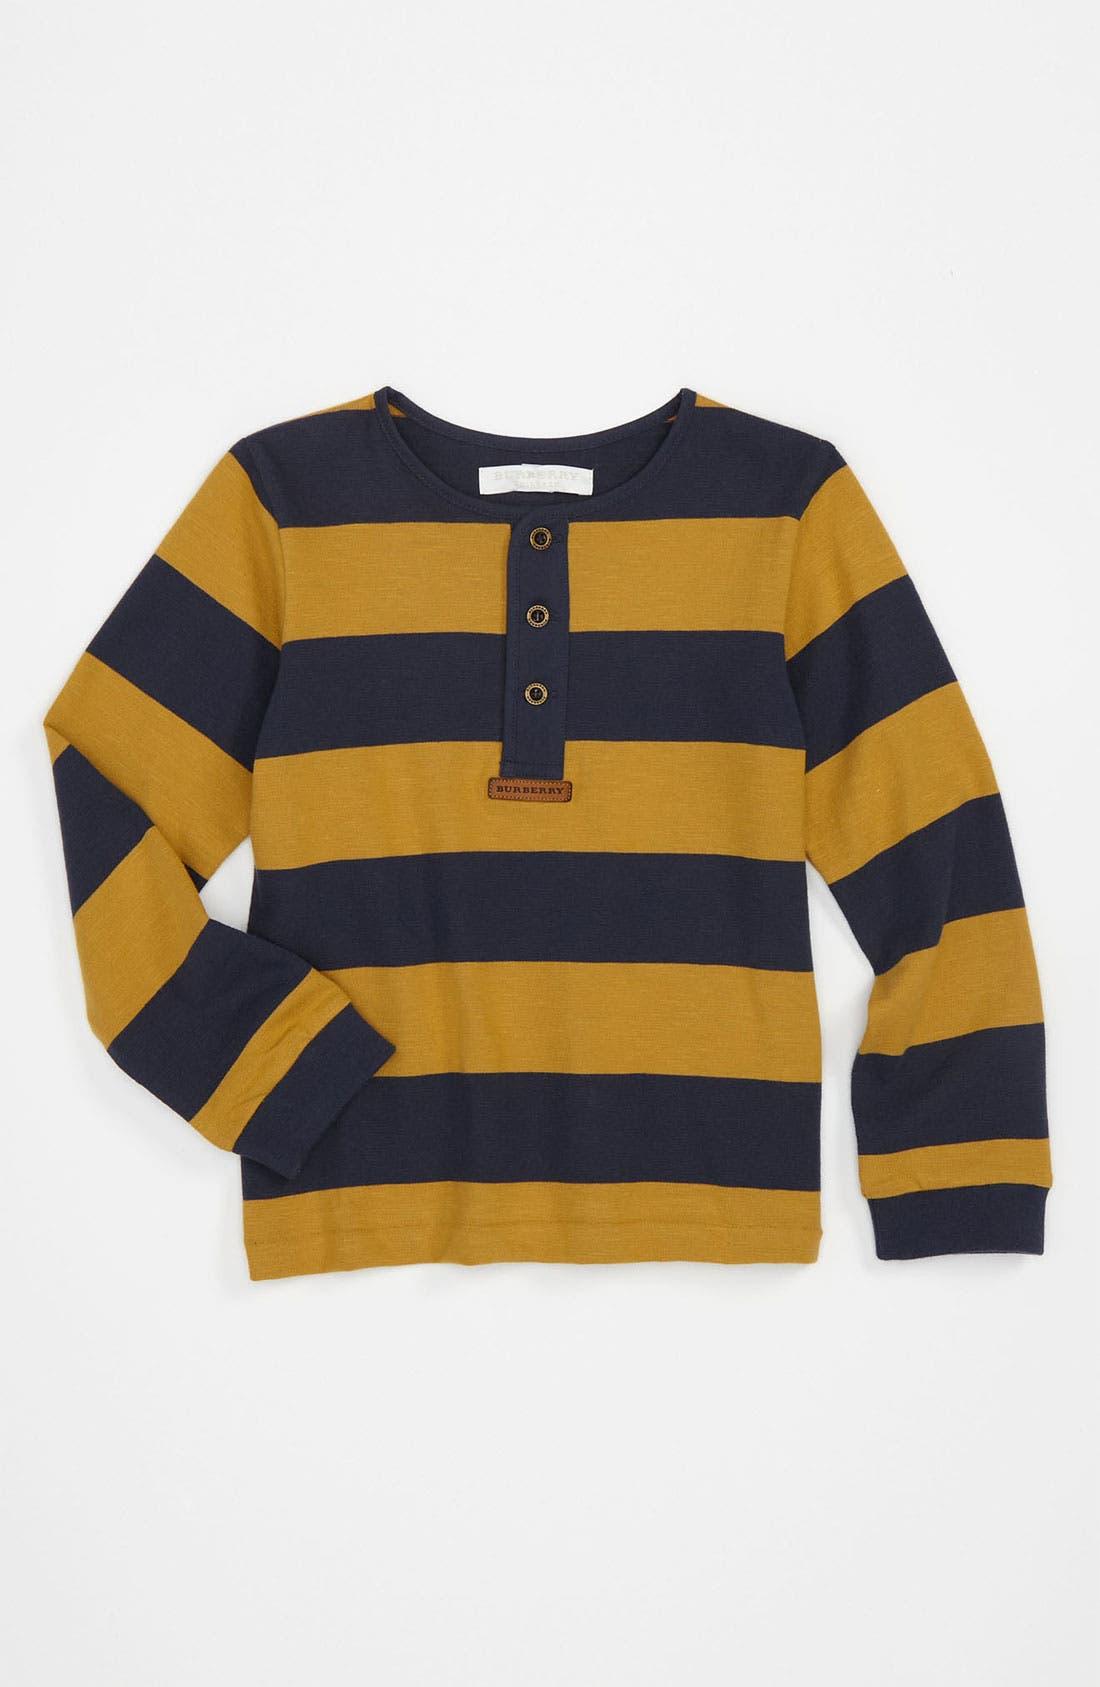 Main Image - Burberry Knit Shirt (Toddler)